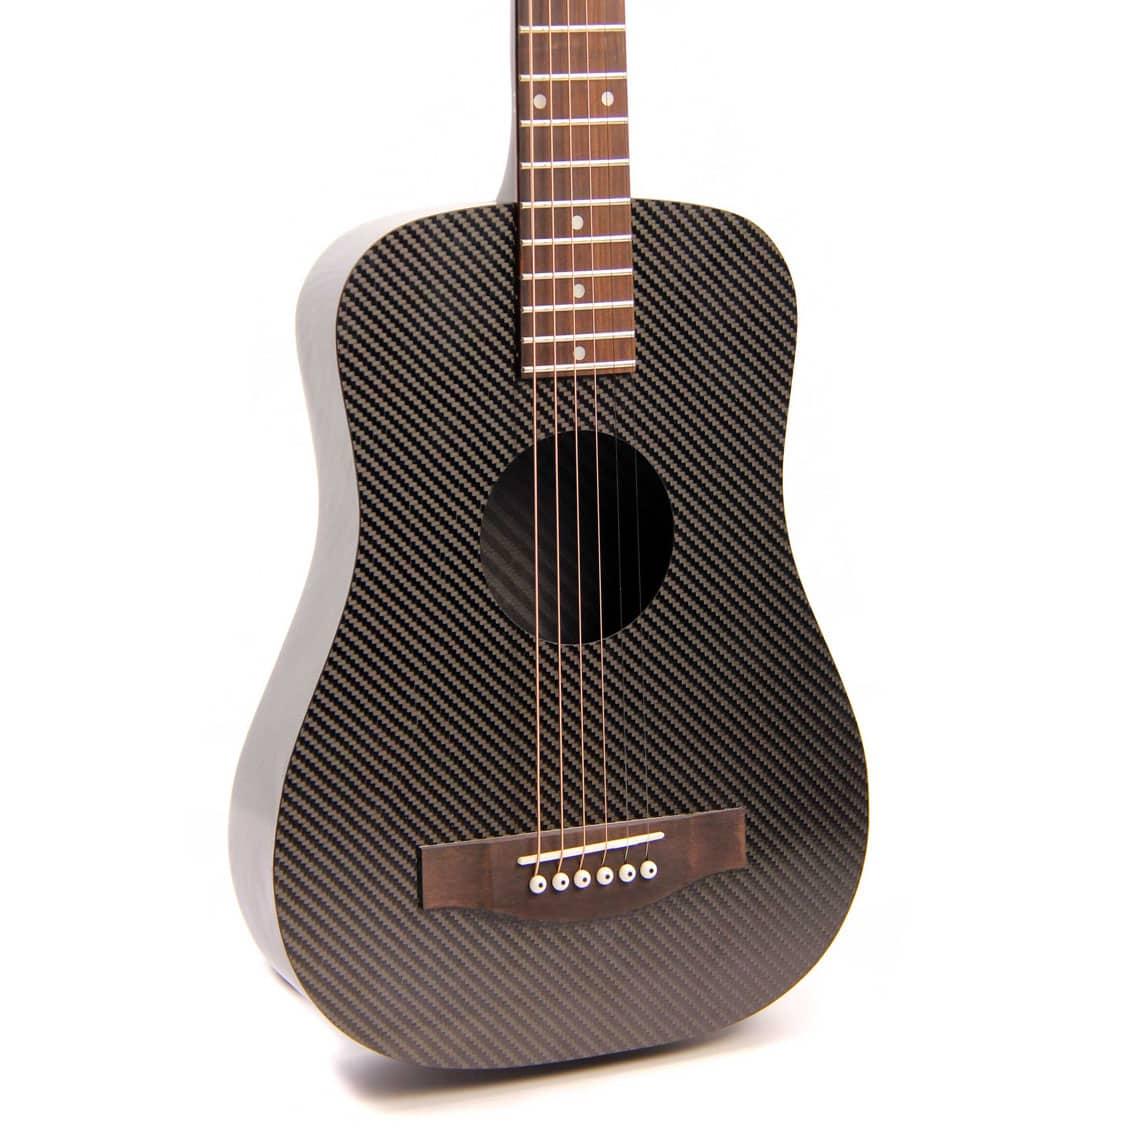 kl s acoustic travel guitar 2016 black carbon fiber reverb. Black Bedroom Furniture Sets. Home Design Ideas